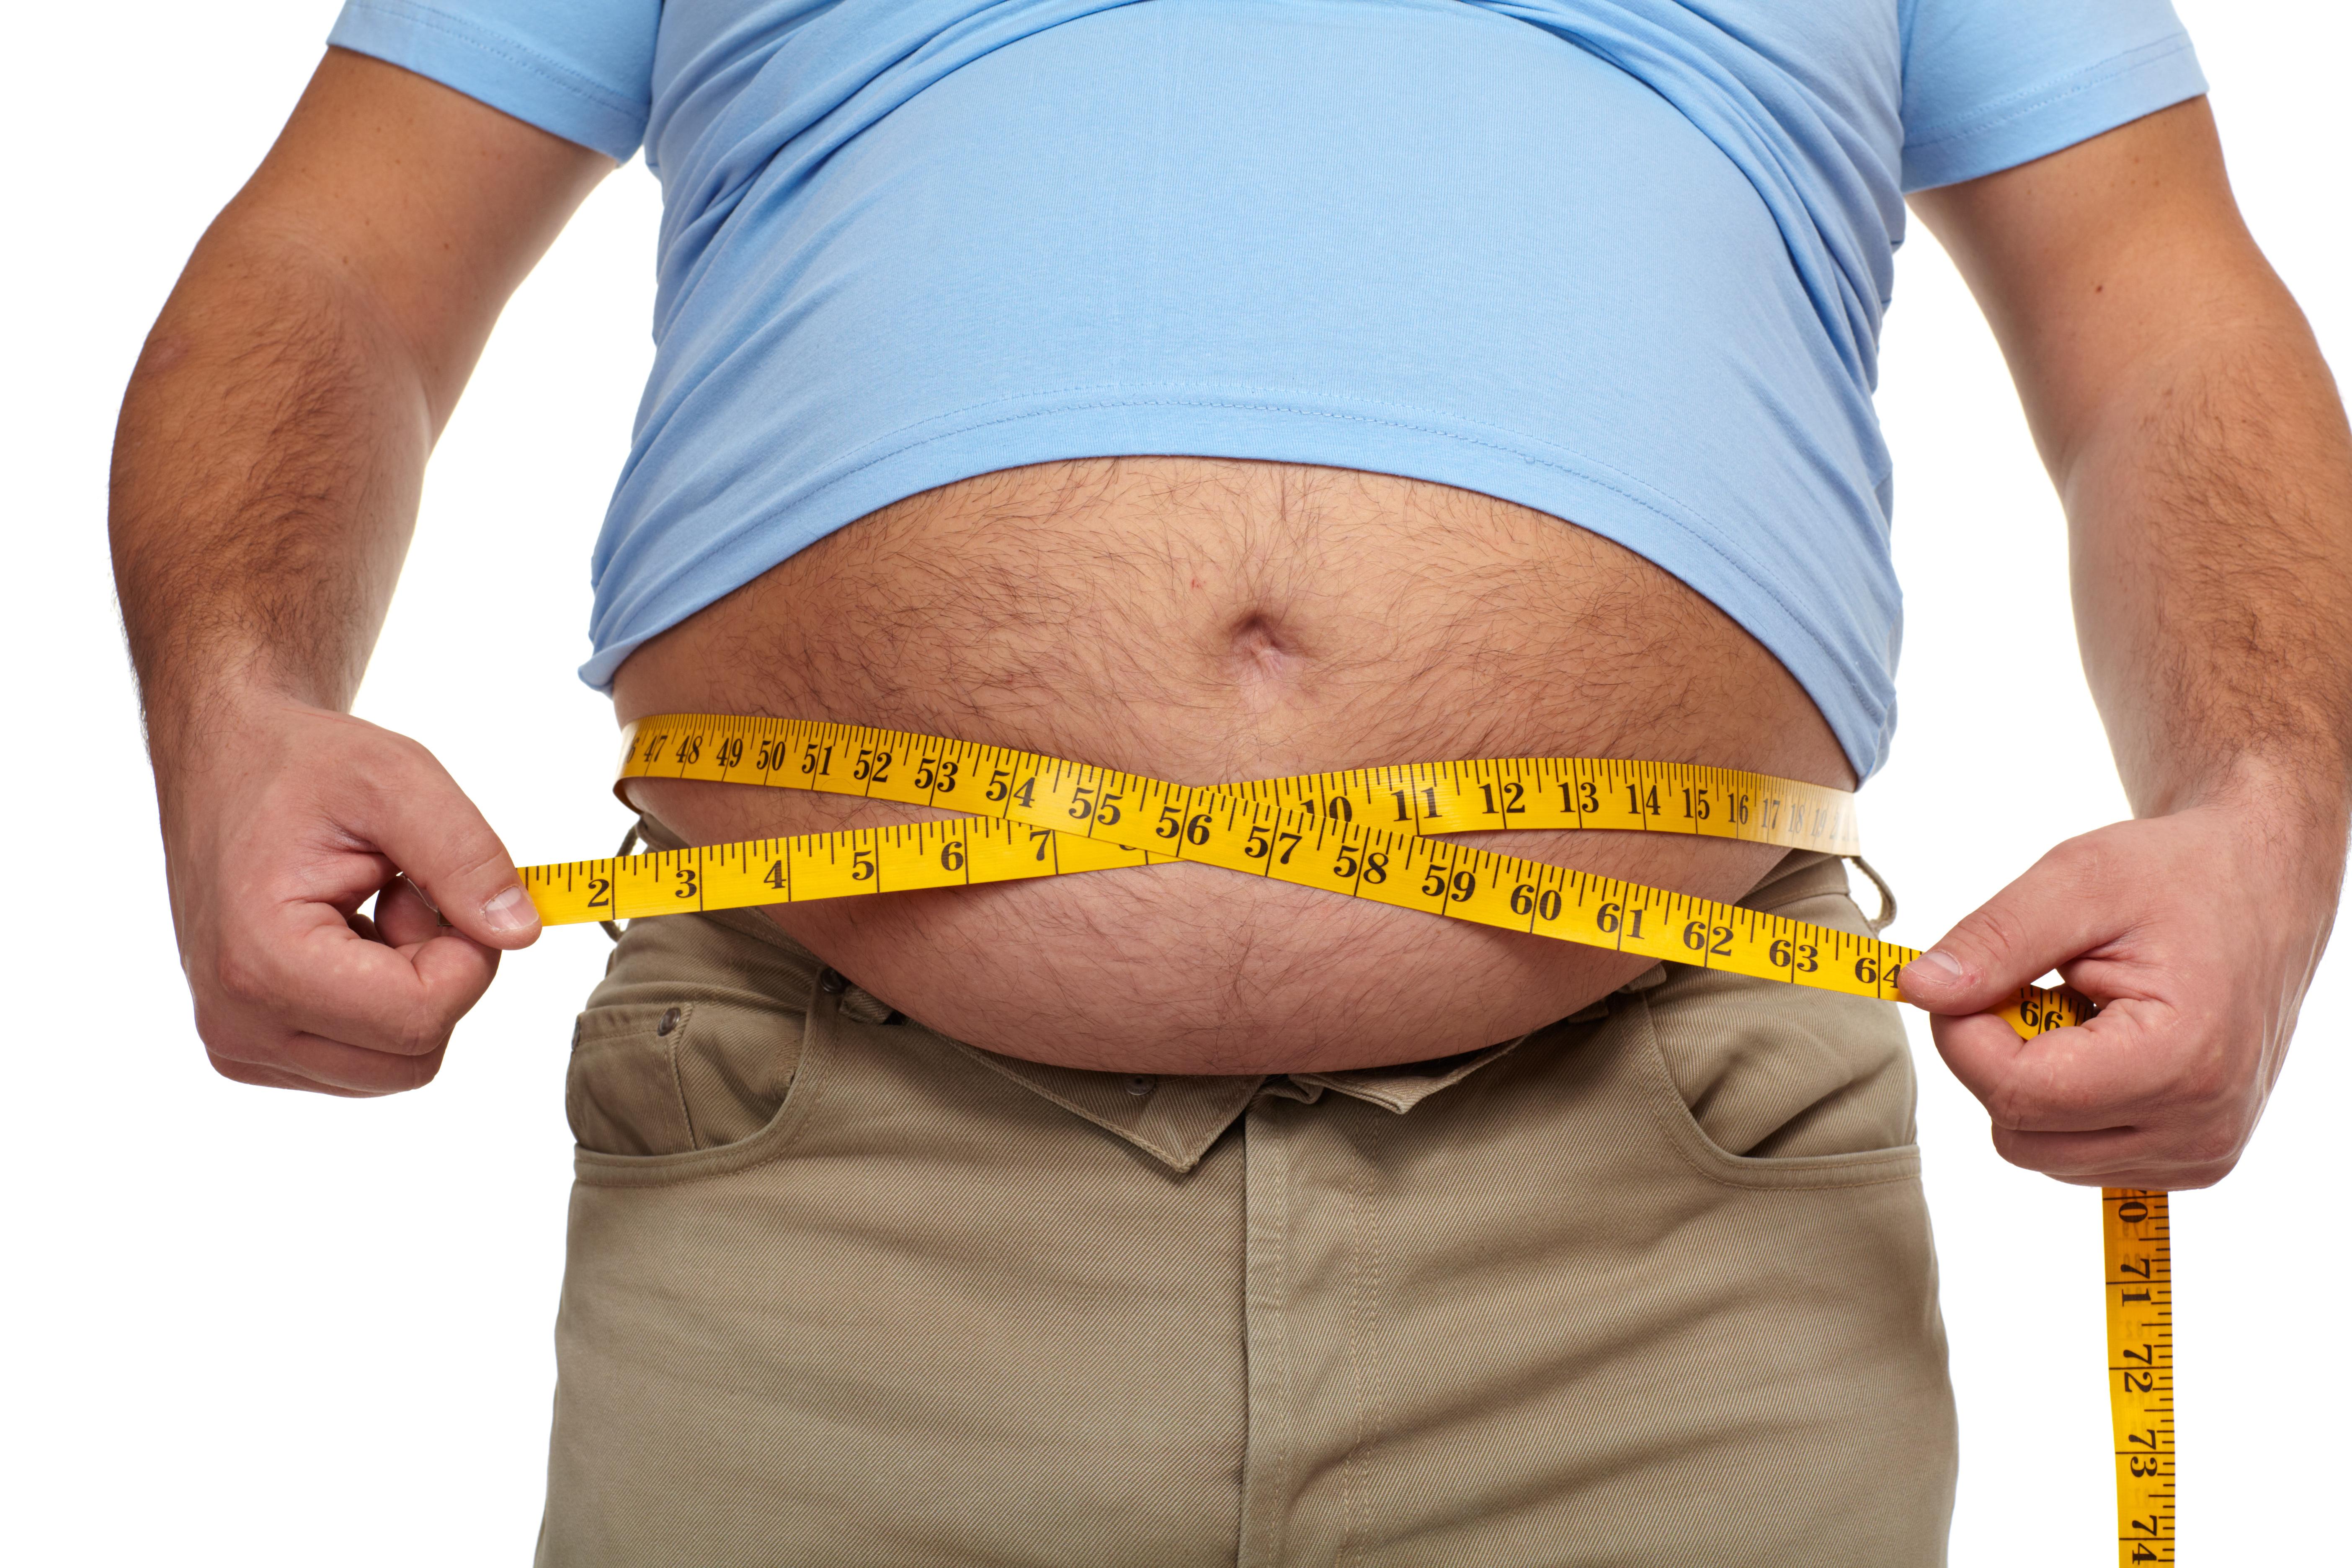 L'obesità è unproblemasconcertante, ma le autoritàsanitariesembranoimpotenti a fare nulla al riguardo.